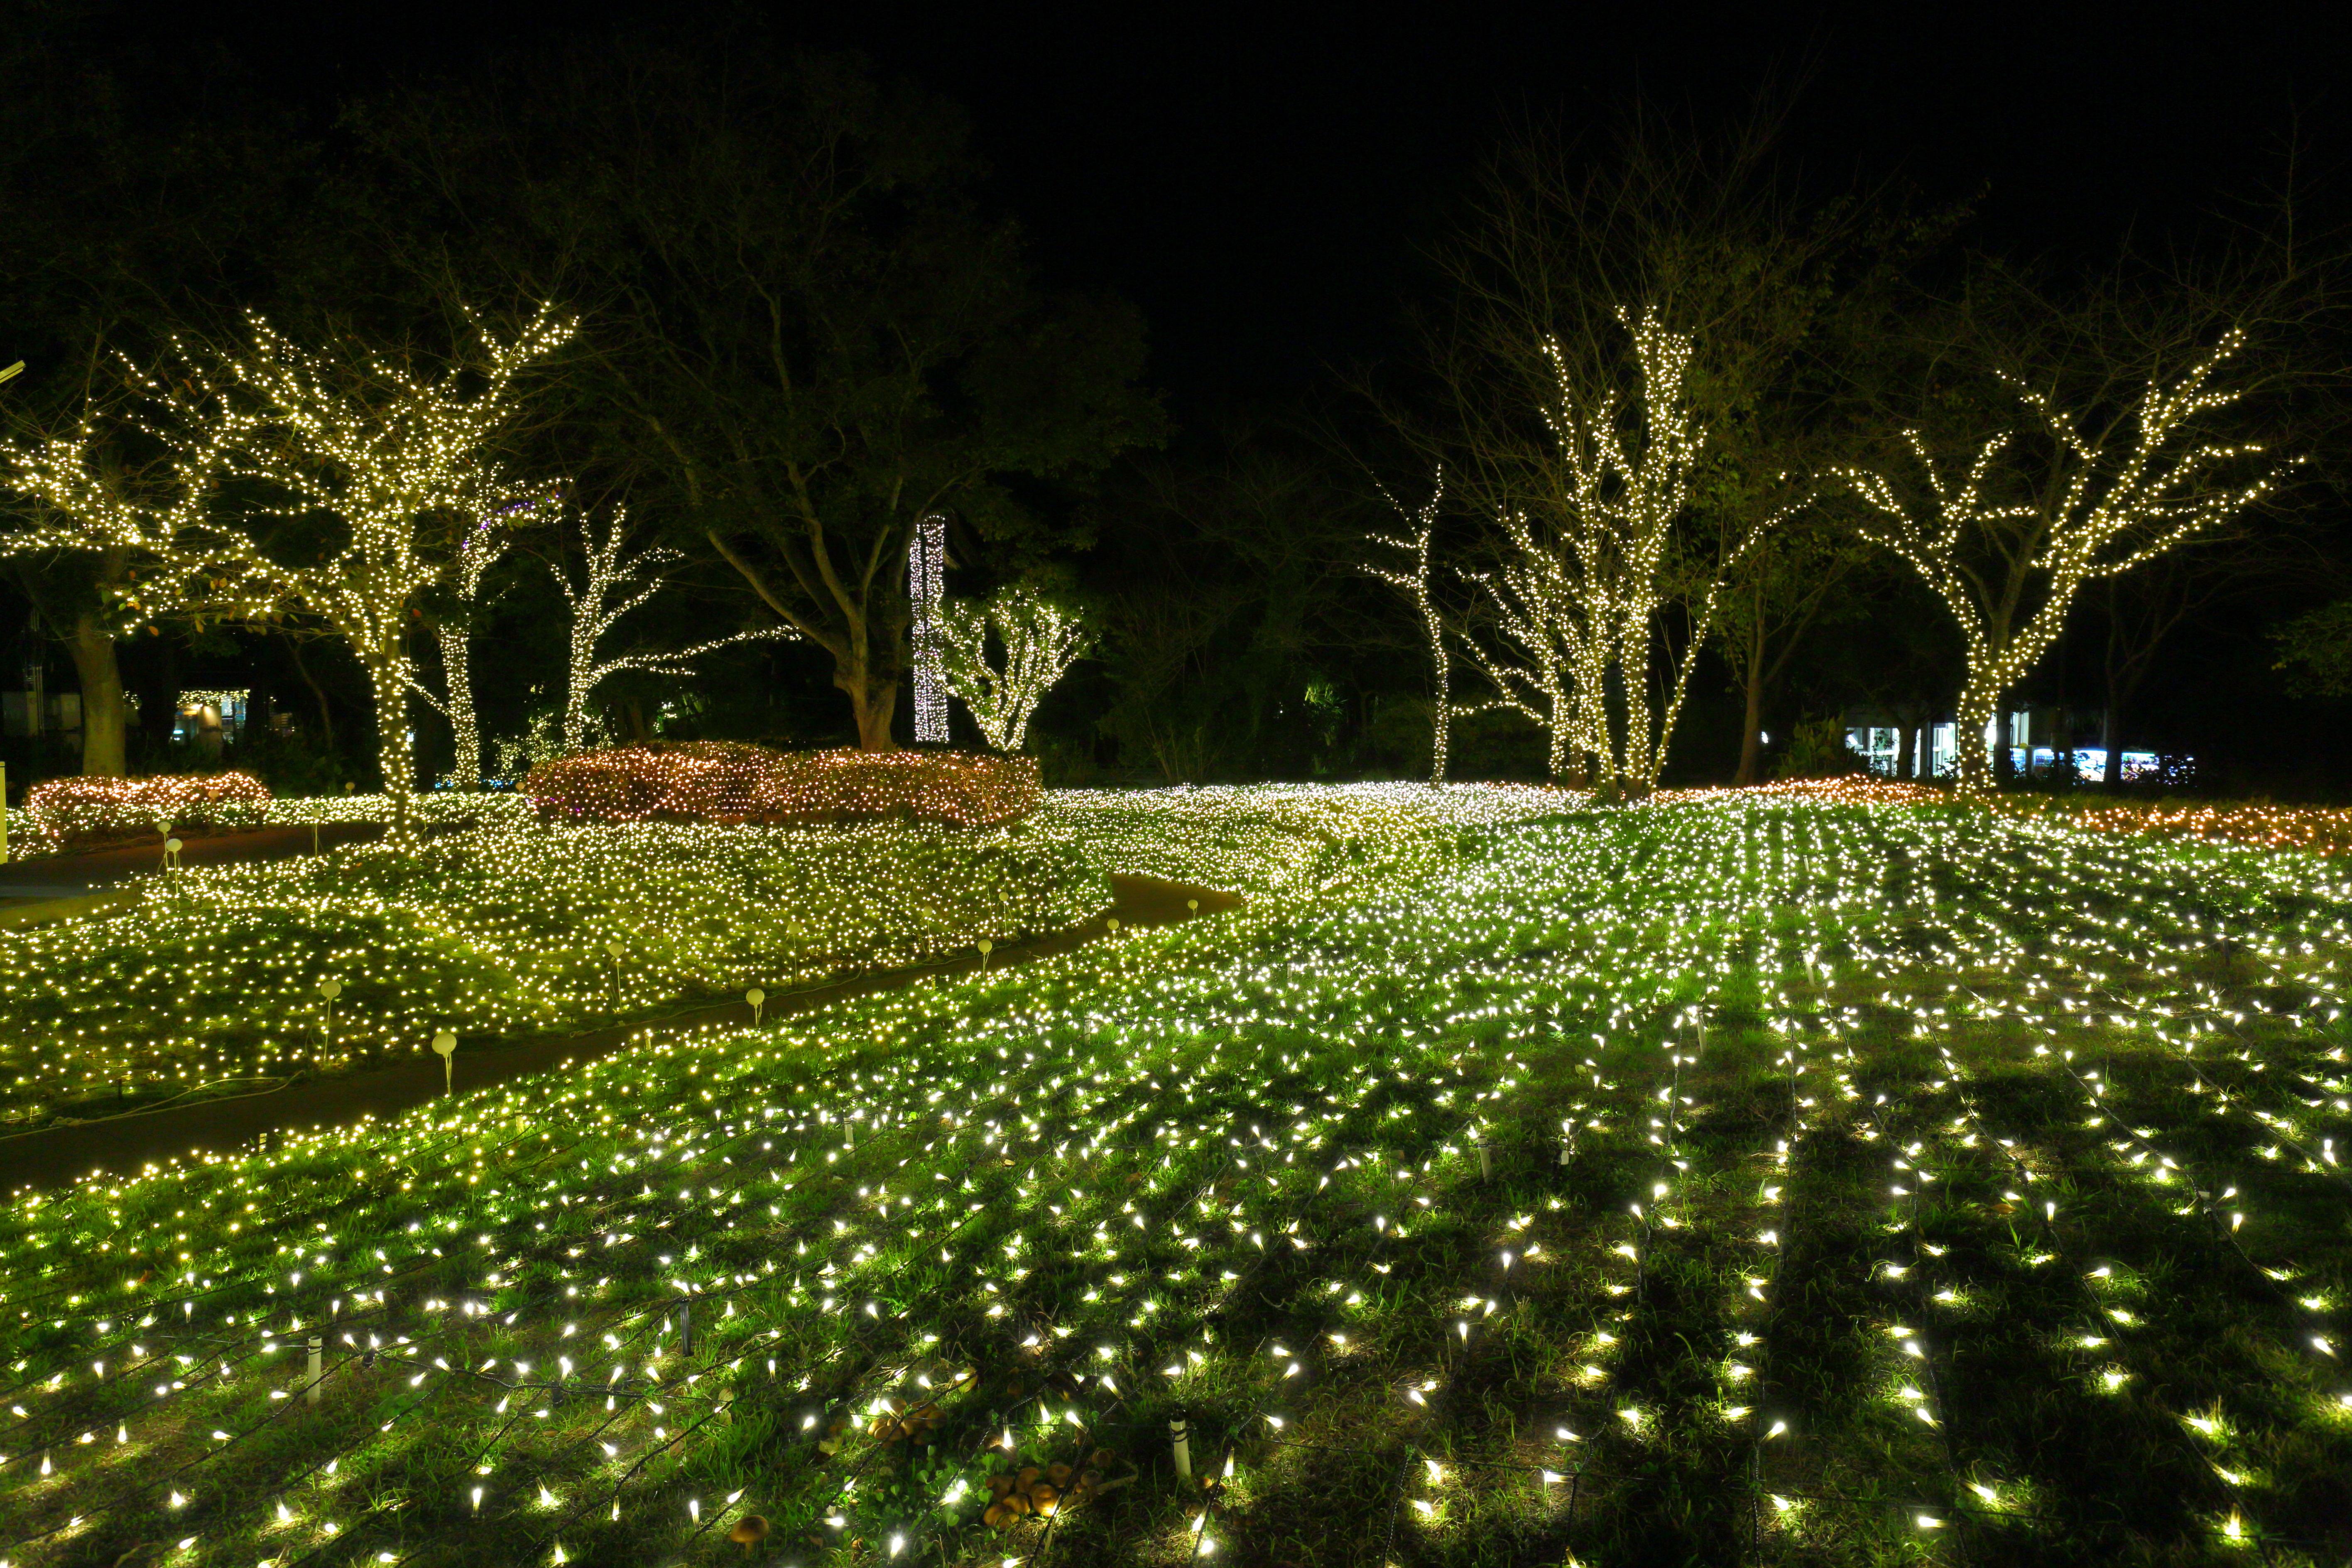 Enoshima hikari michi